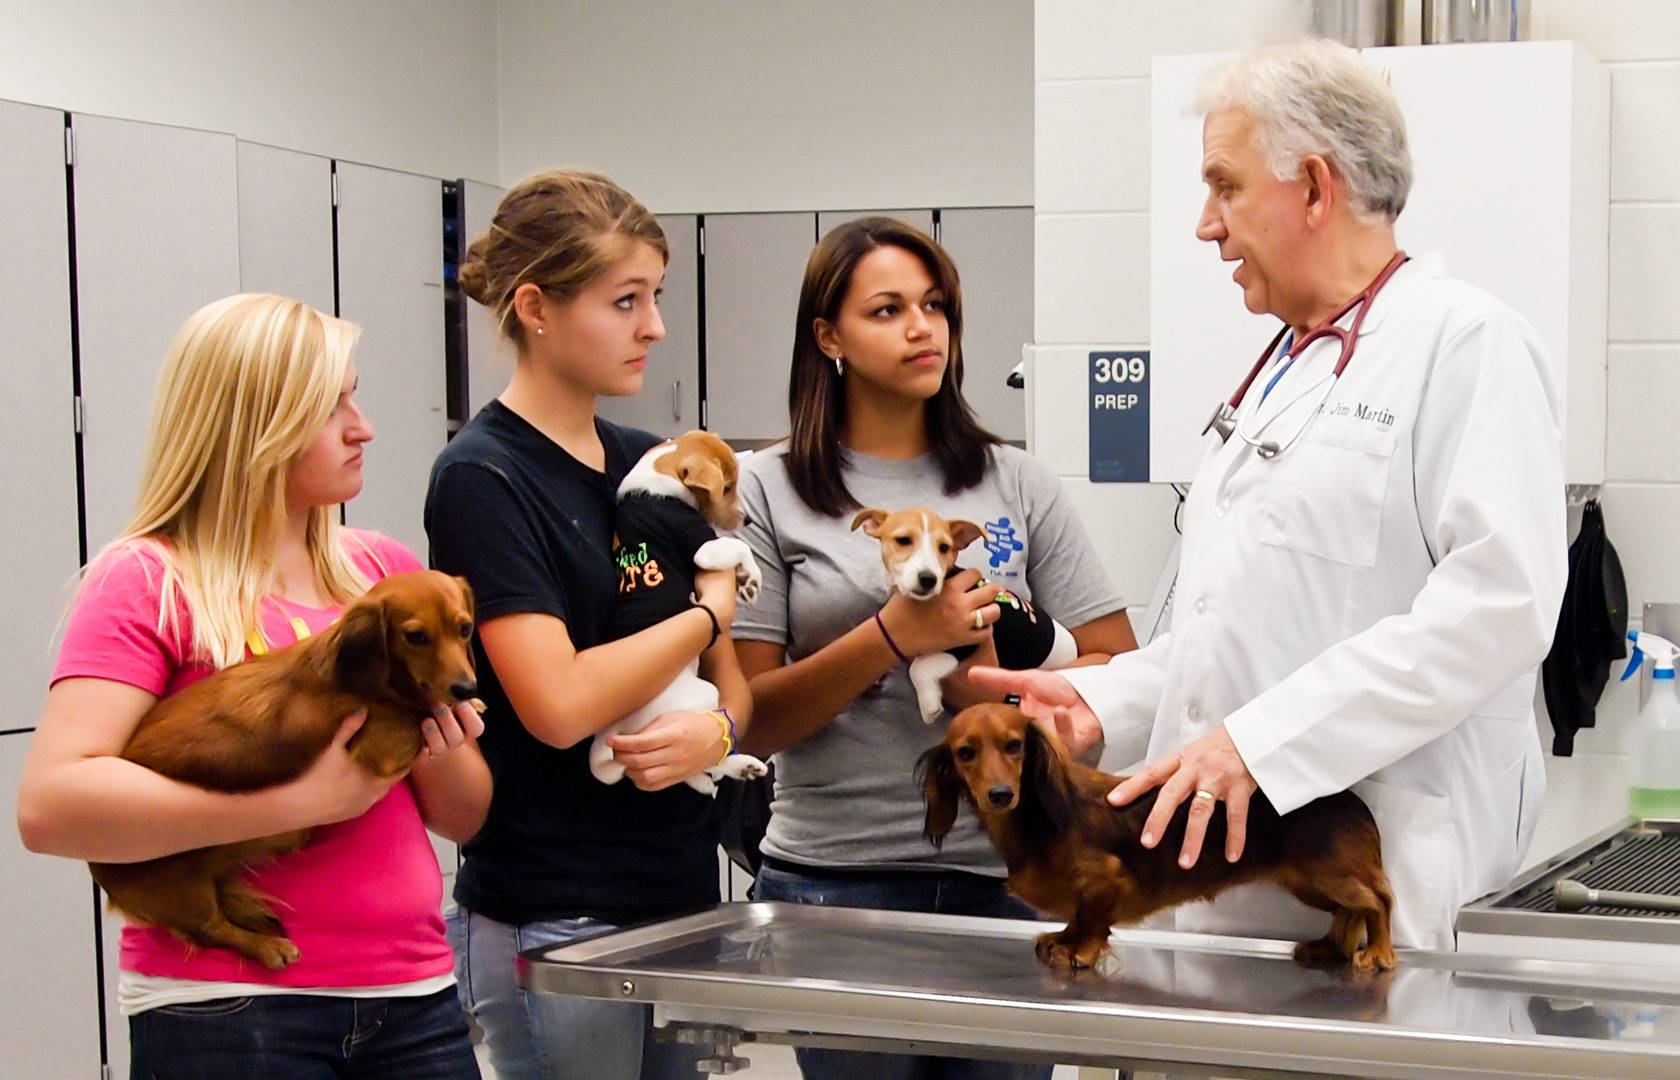 Профессия ветеринар для любительниц животных: кто такой и чем он занимается